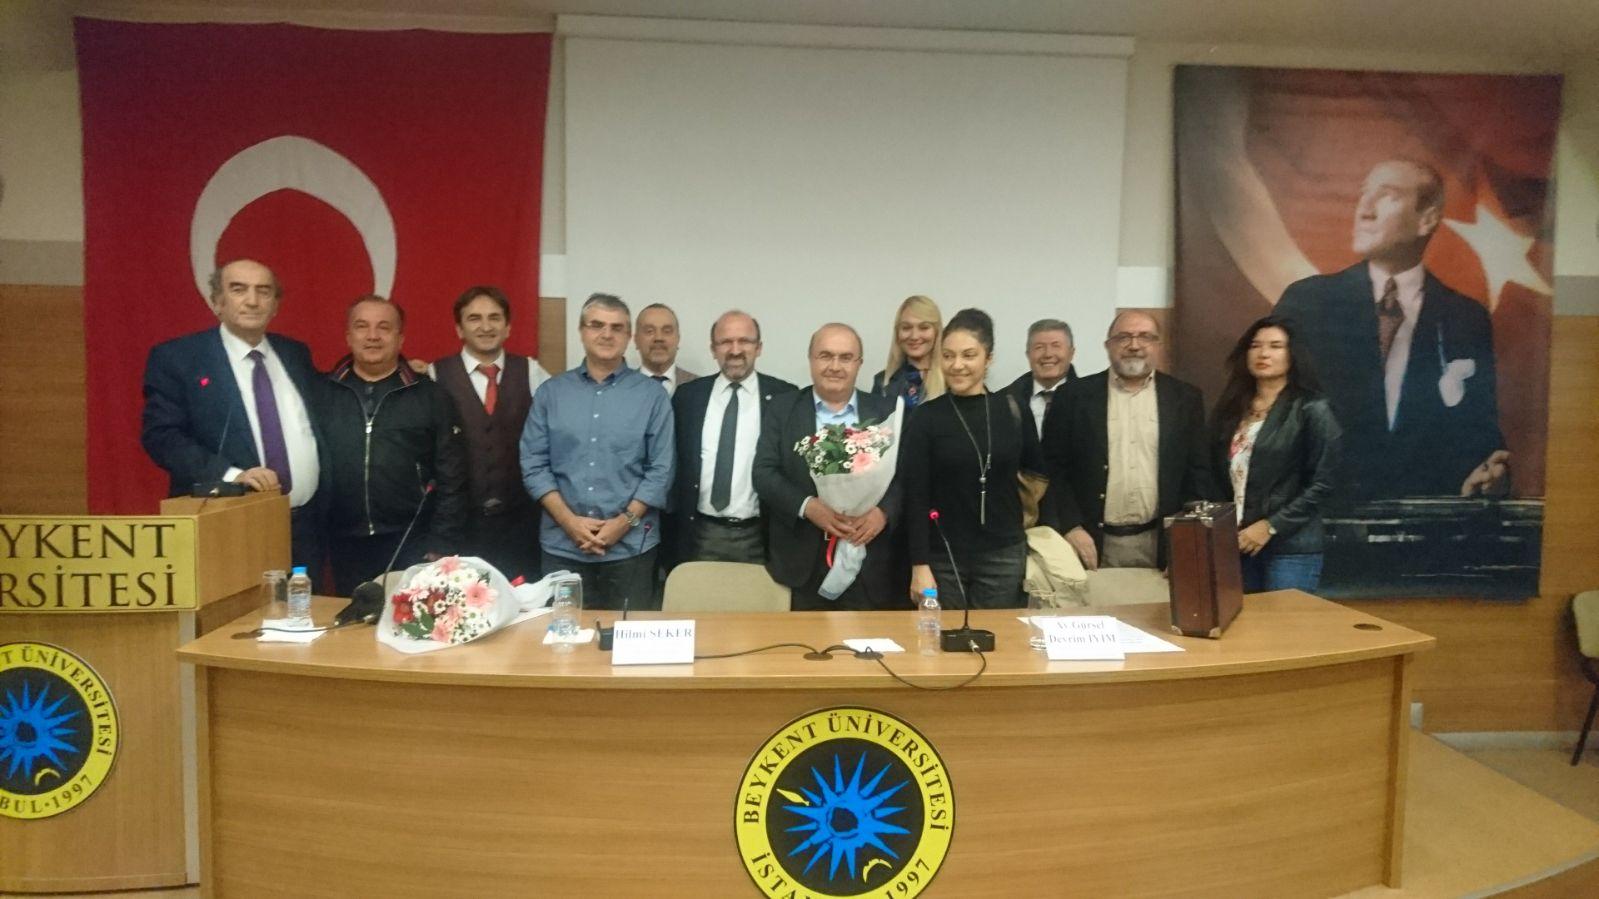 Hilmi Şeker- İstanbul Barosu Hukuk Felsefesi ve Sosyolojisi Komisyonu